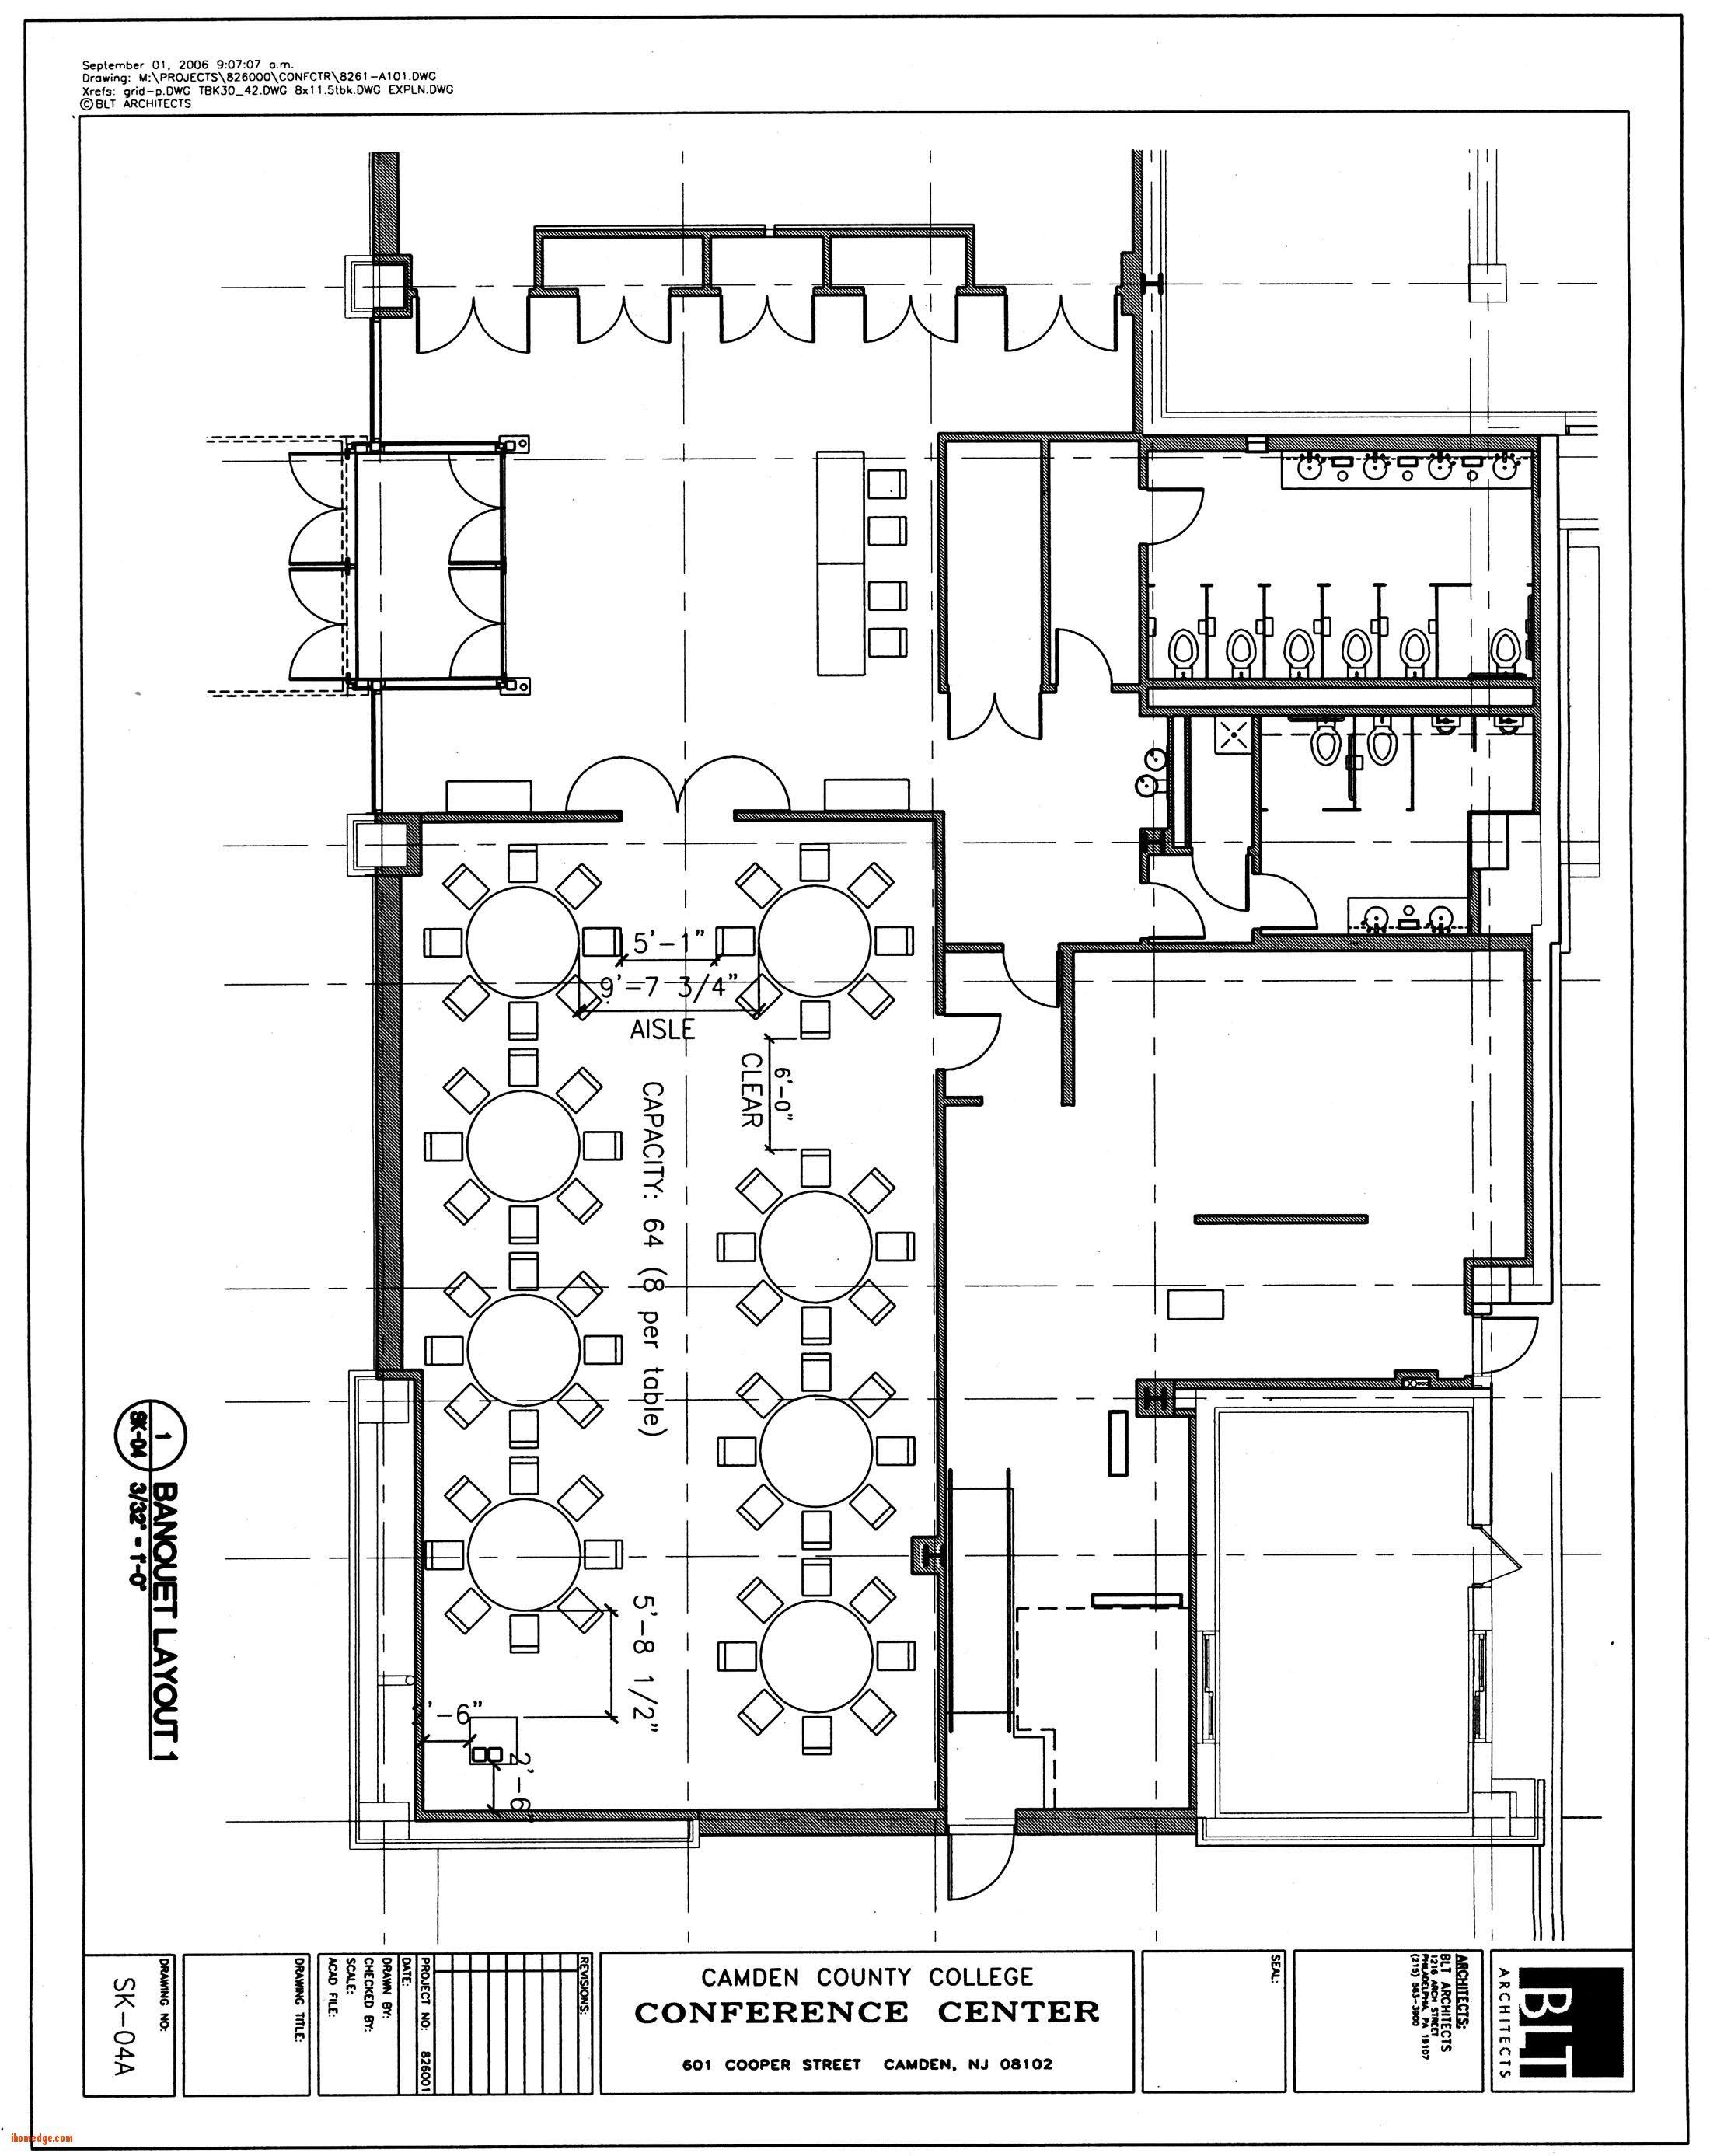 best new kitchen design layout pretty restaurant kitchen layout 3d renovation ideas amazing minecraft layouts [ 2200 x 2774 Pixel ]